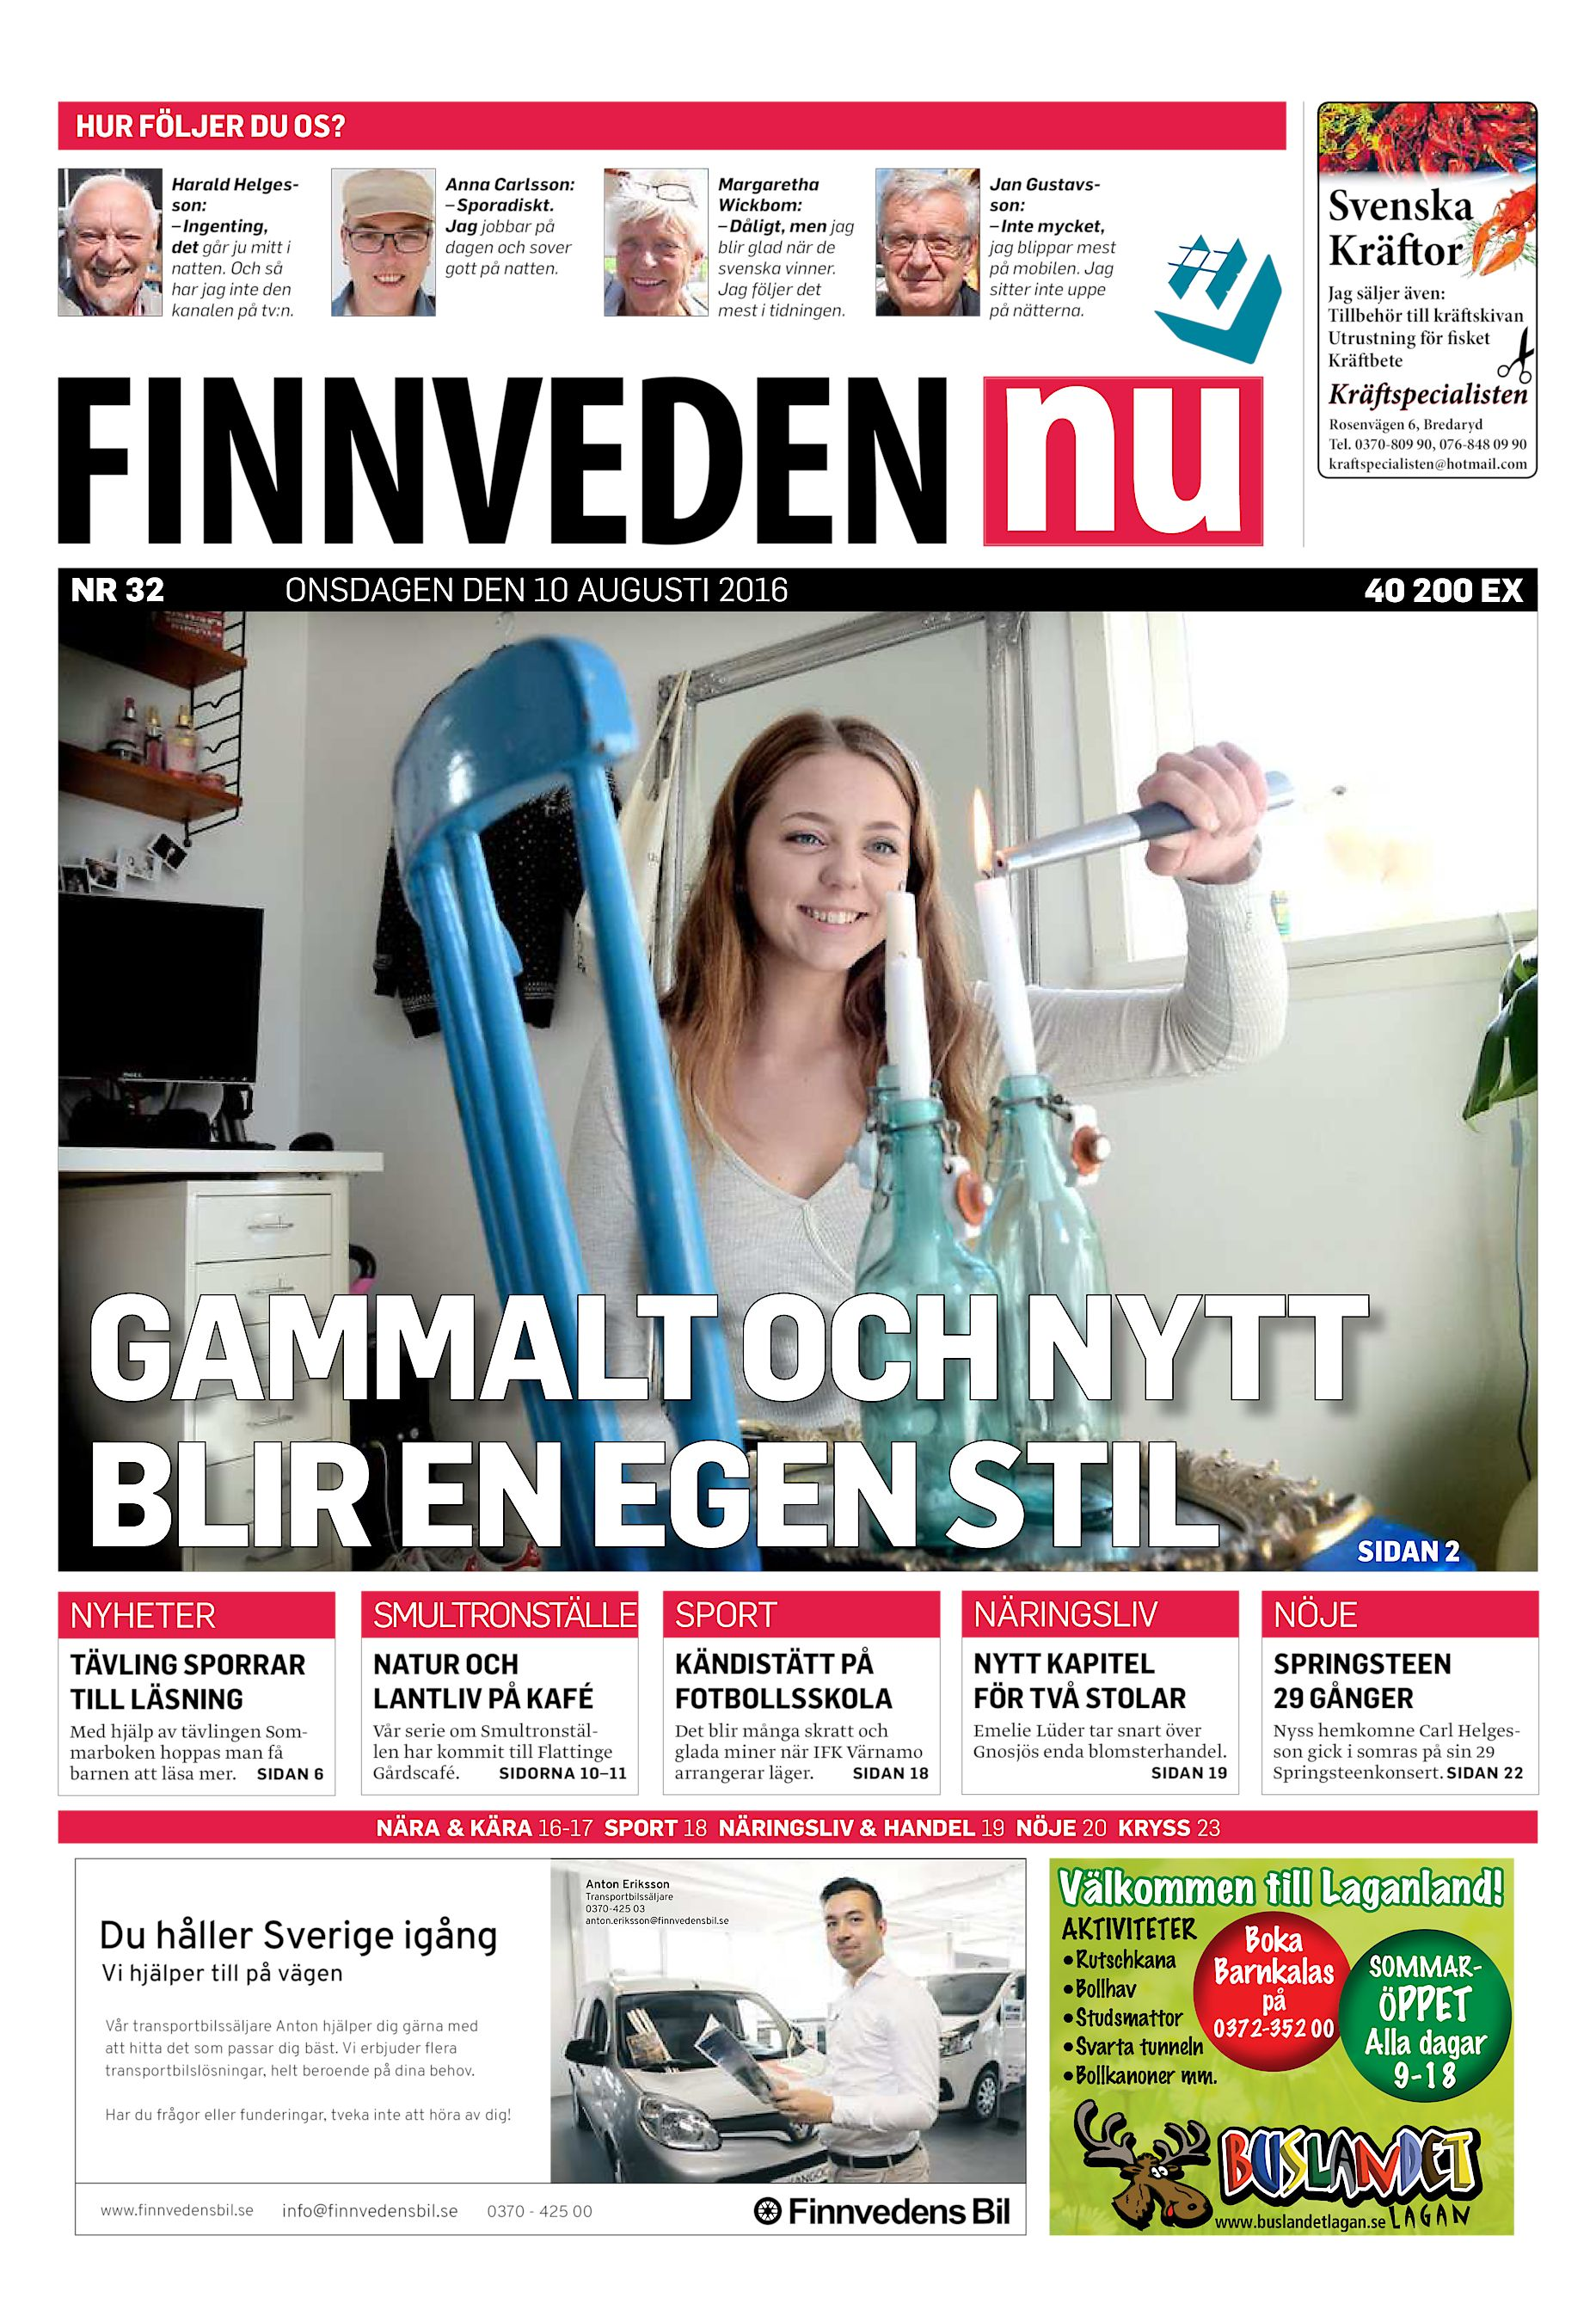 Finnveden.nu FNU 20160810 (endast text)